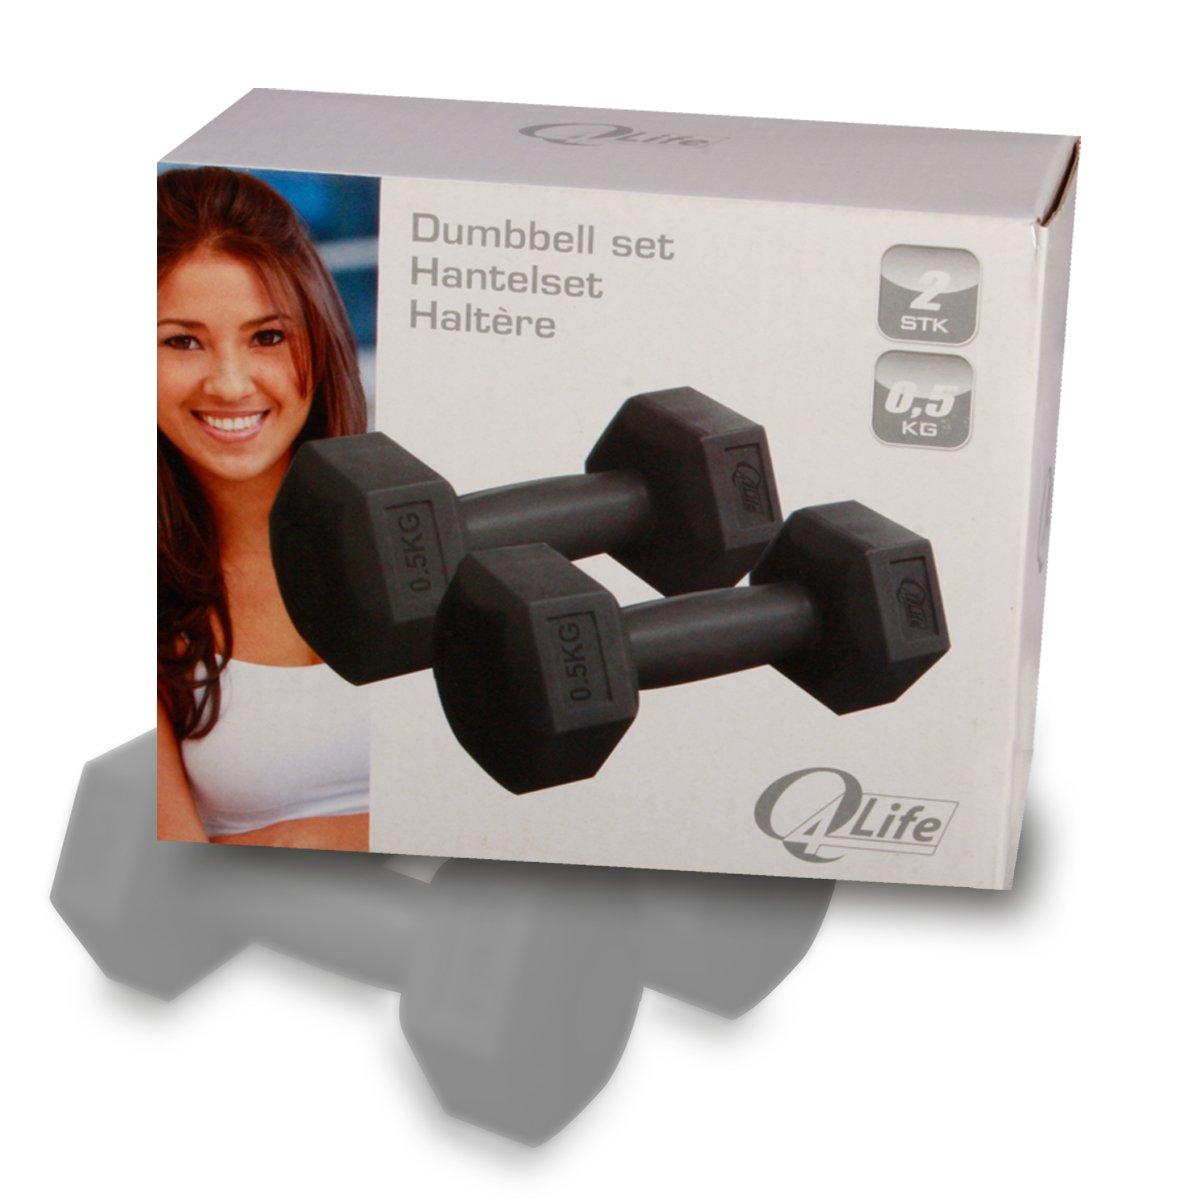 en noir pour la gymnastique ou lendurance 2/x/0,5/kg utilisable partout 2/è lot dhalt/ères courts de Torrex